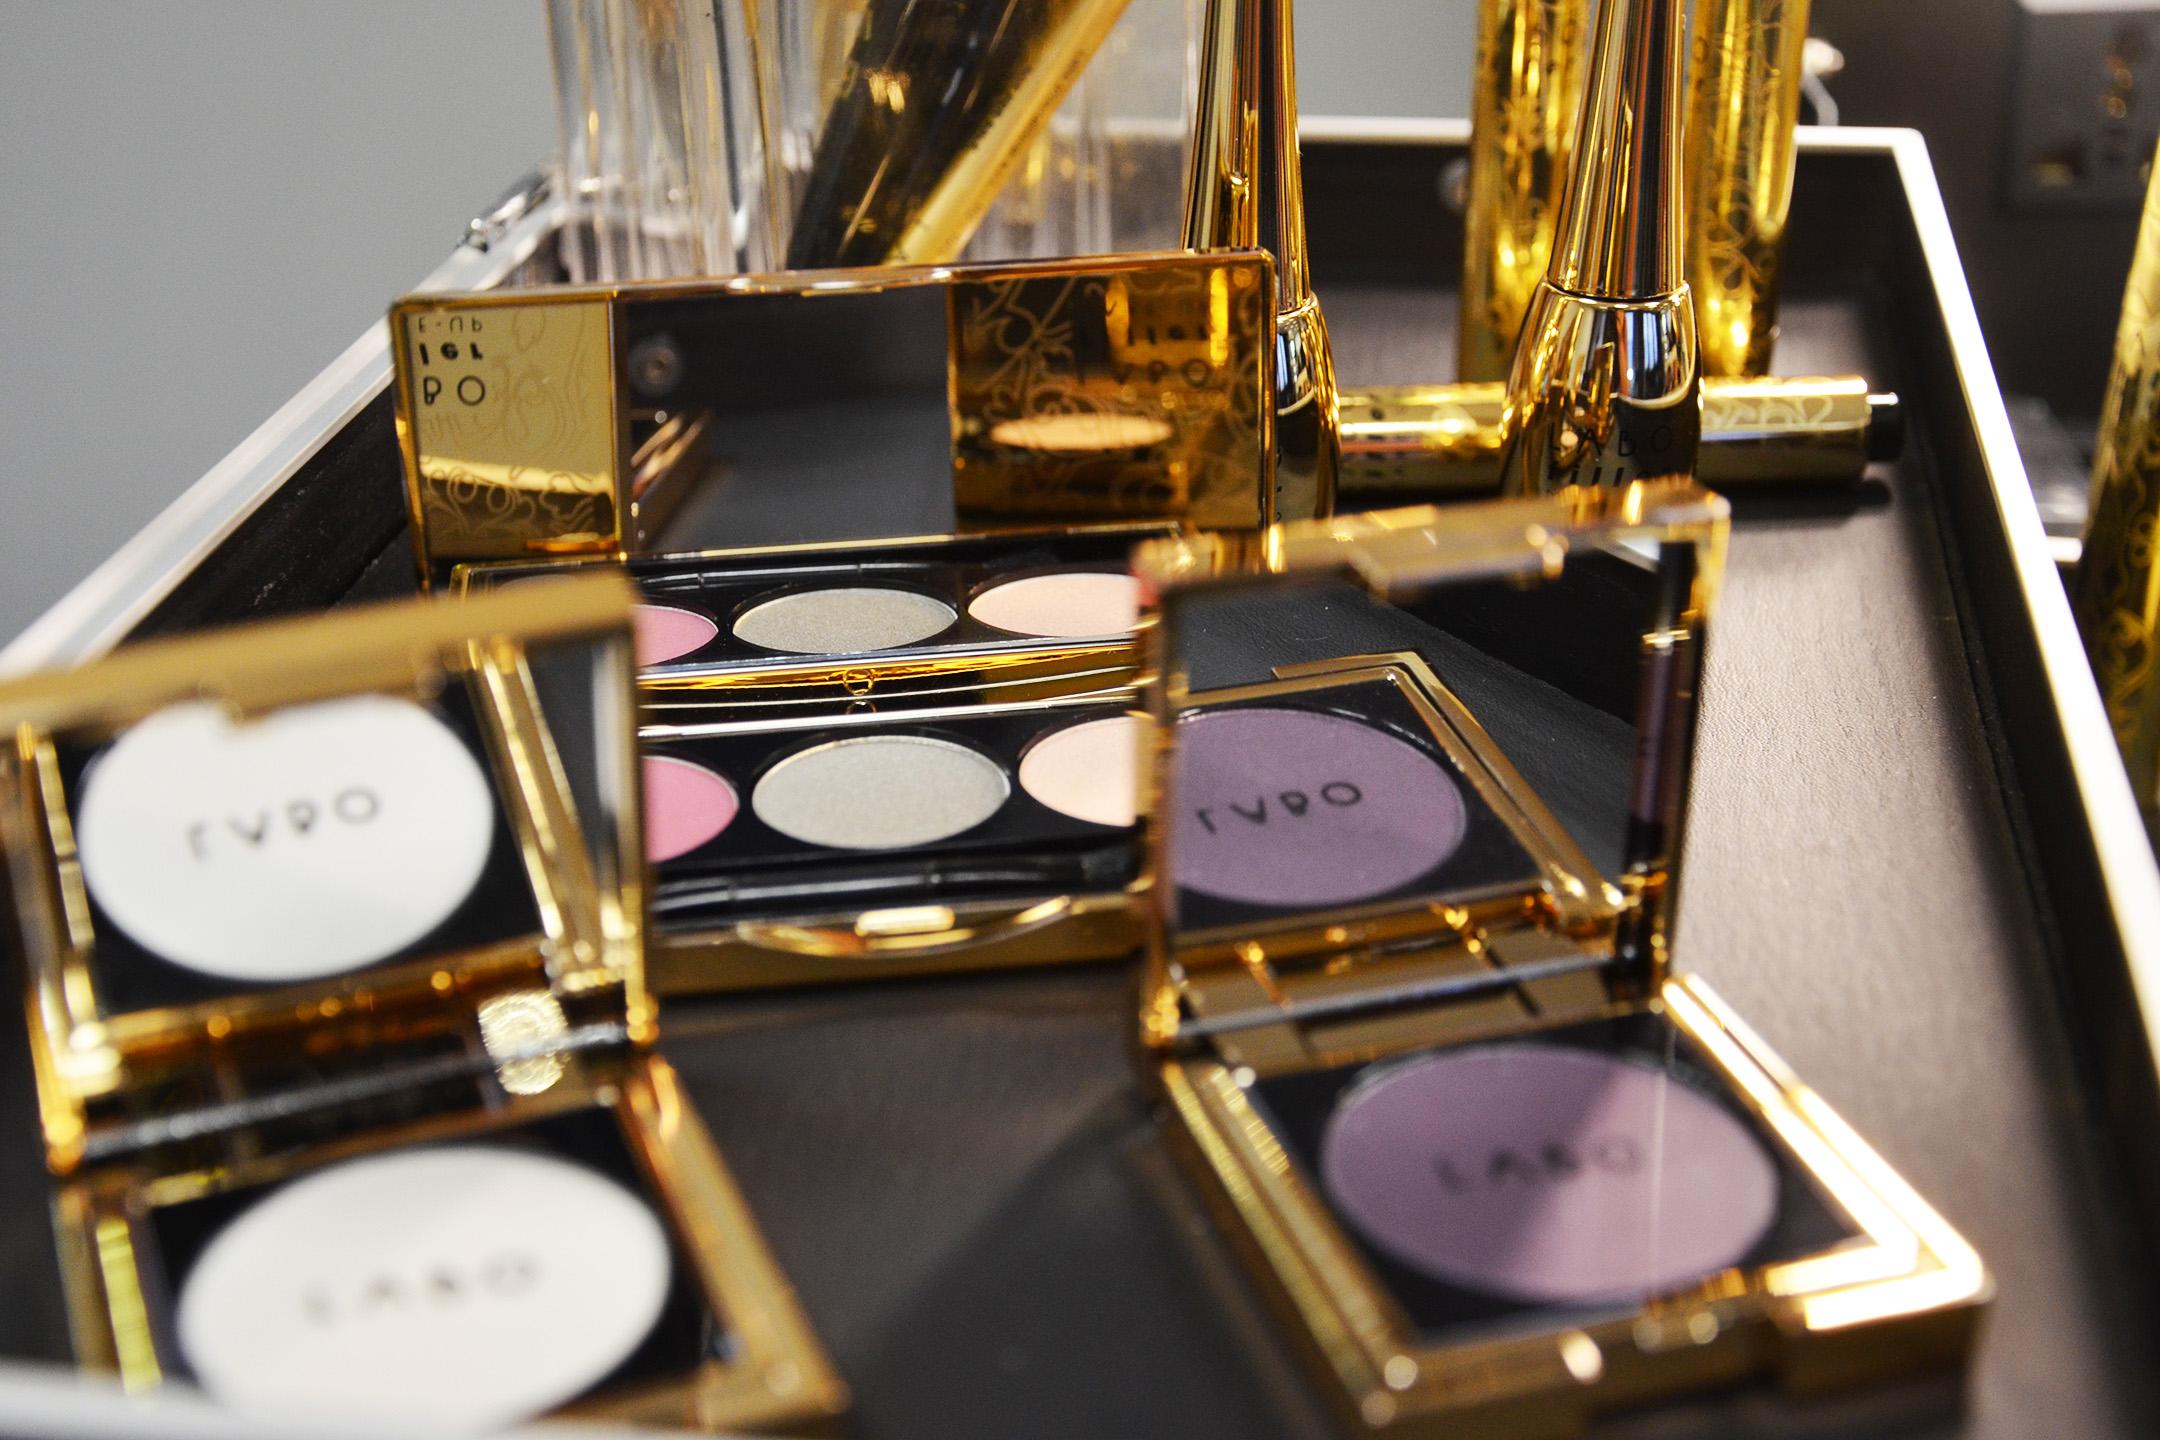 labo-evento-alessia-canella-makeup